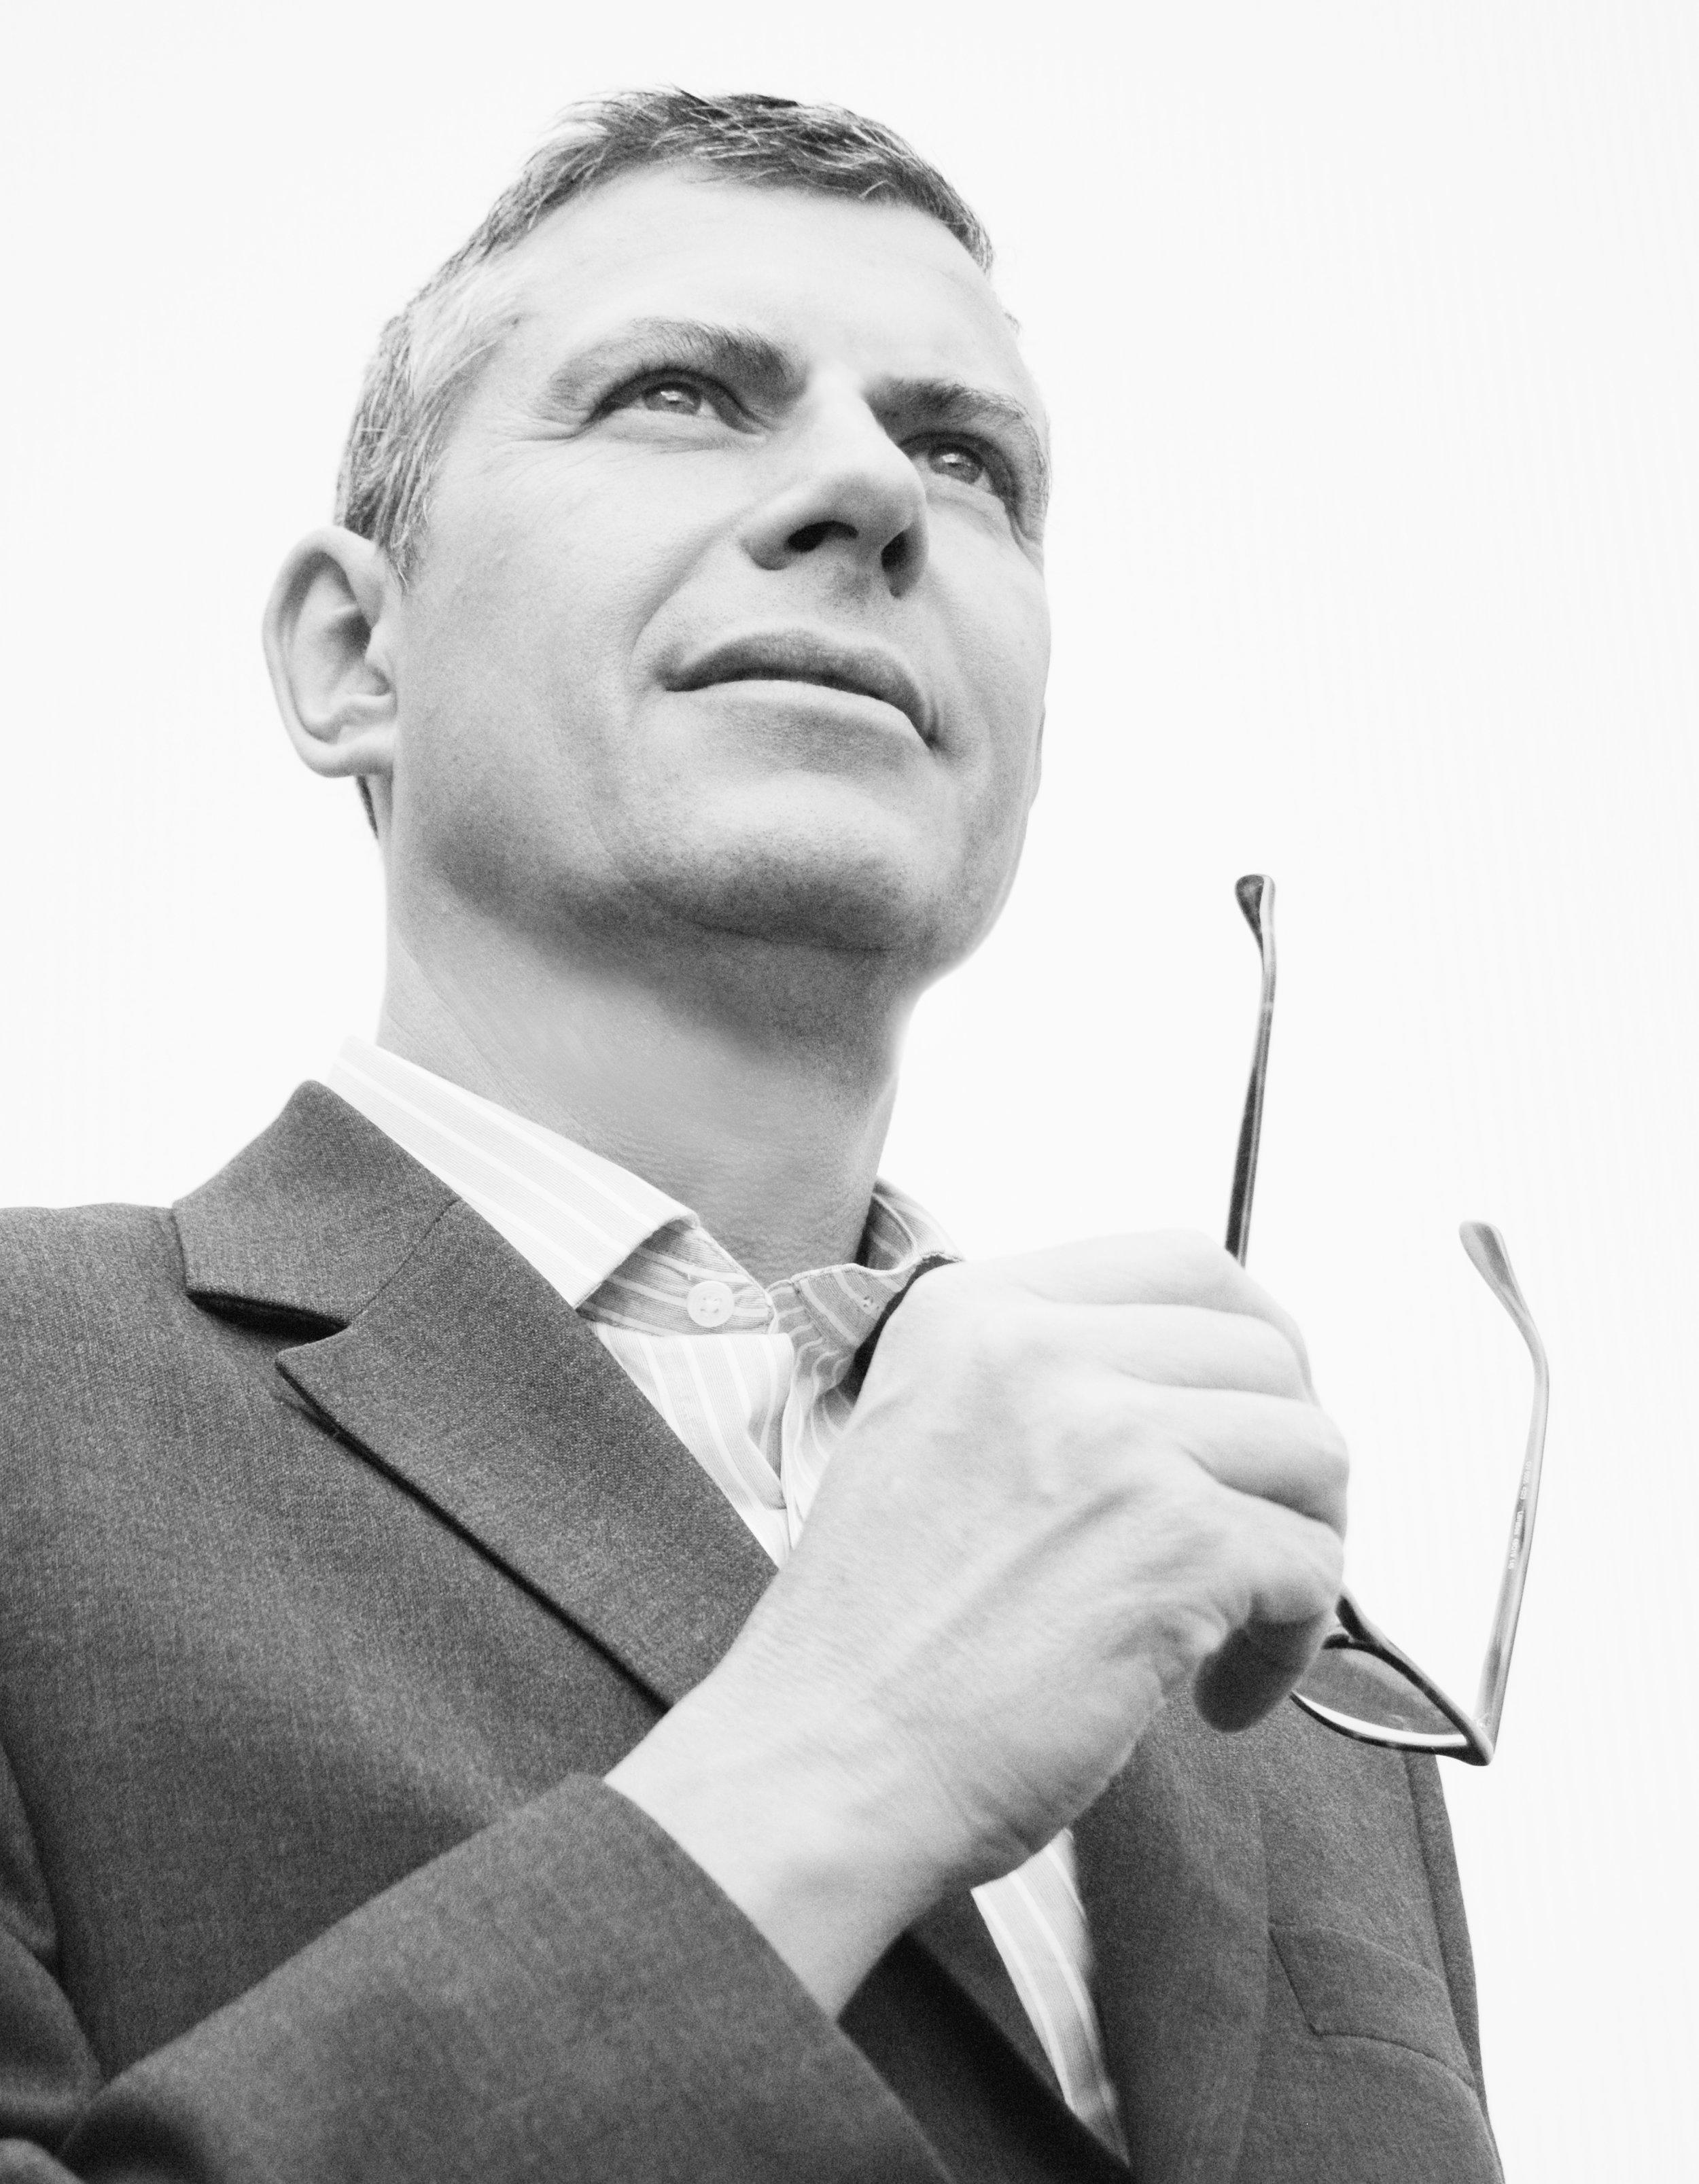 Daniel Galli  | CEO | Verwaltungsratspräsident | Vorsitzender der Geschäftsleitung | Geschäftsführer seit 1998    daniel.galli@blumengalli.ch  Tel: 044 445 77 88 Fax: 044 445 77 66